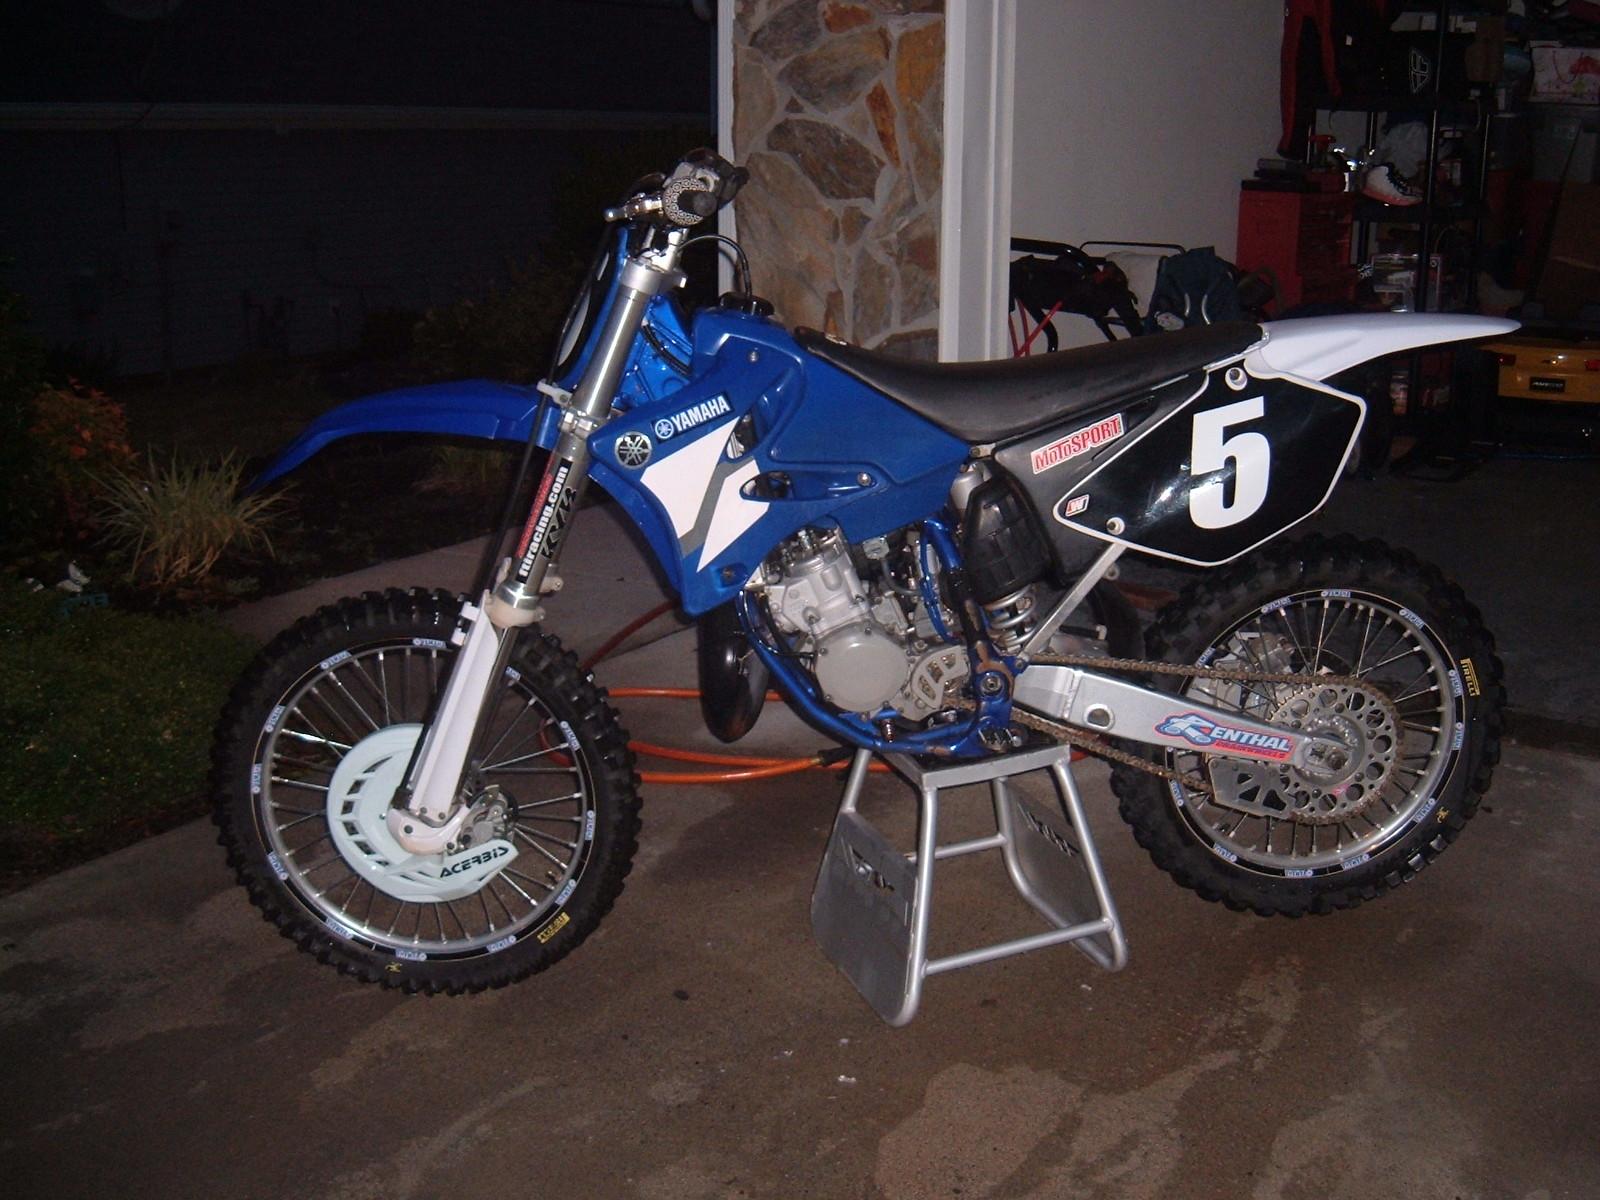 new new 008 - antonio.dobson - Motocross Pictures - Vital MX